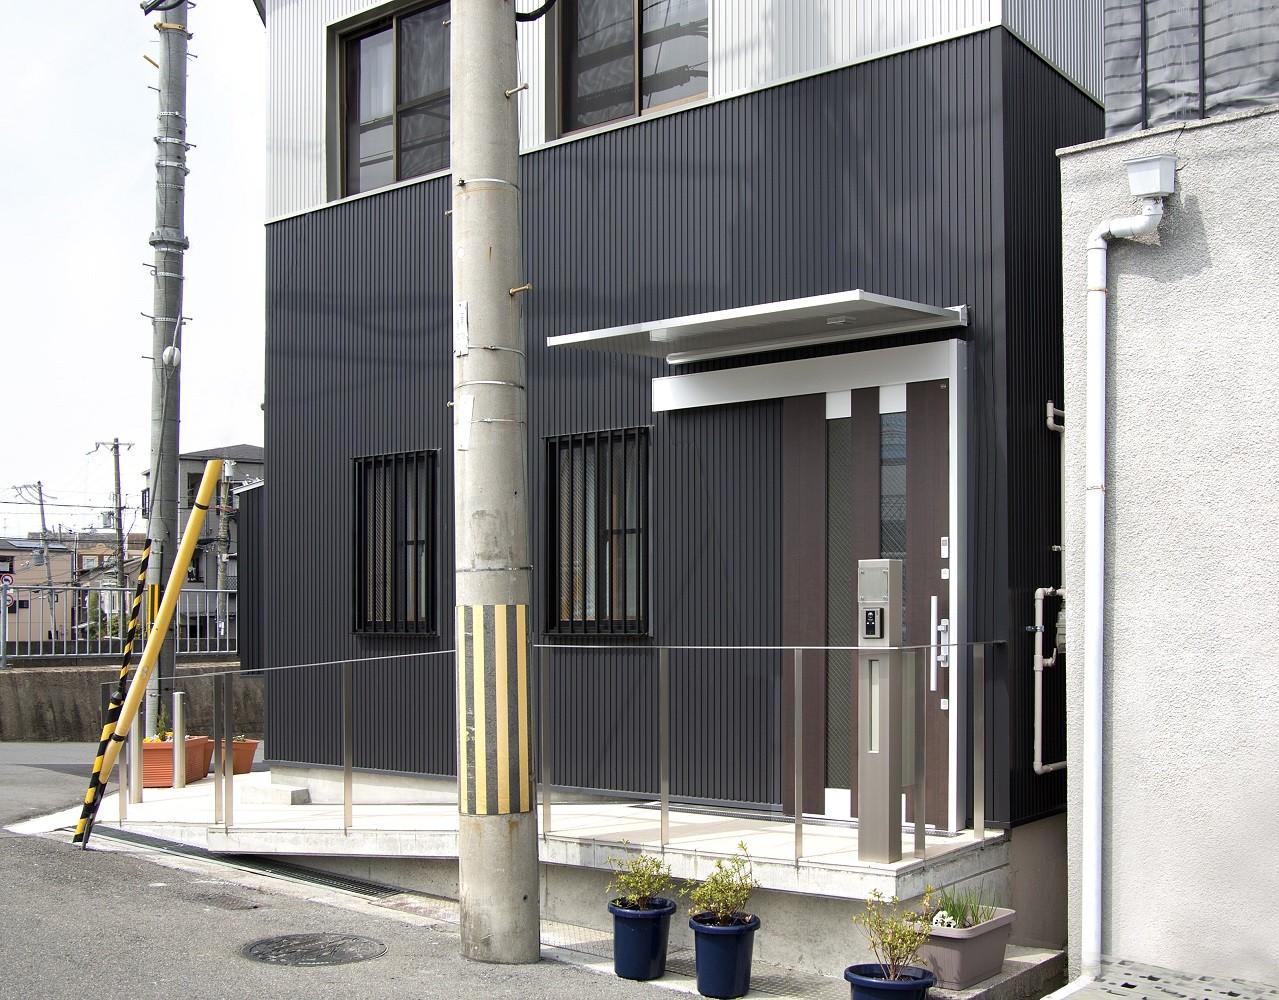 その他事例:道路~玄関までの高低差はスロープで解消:バリアフリー対策の住宅(ホームエレベーターがあるバリアフリー住宅|遮音・防音構造の住宅(ガレージハウス))